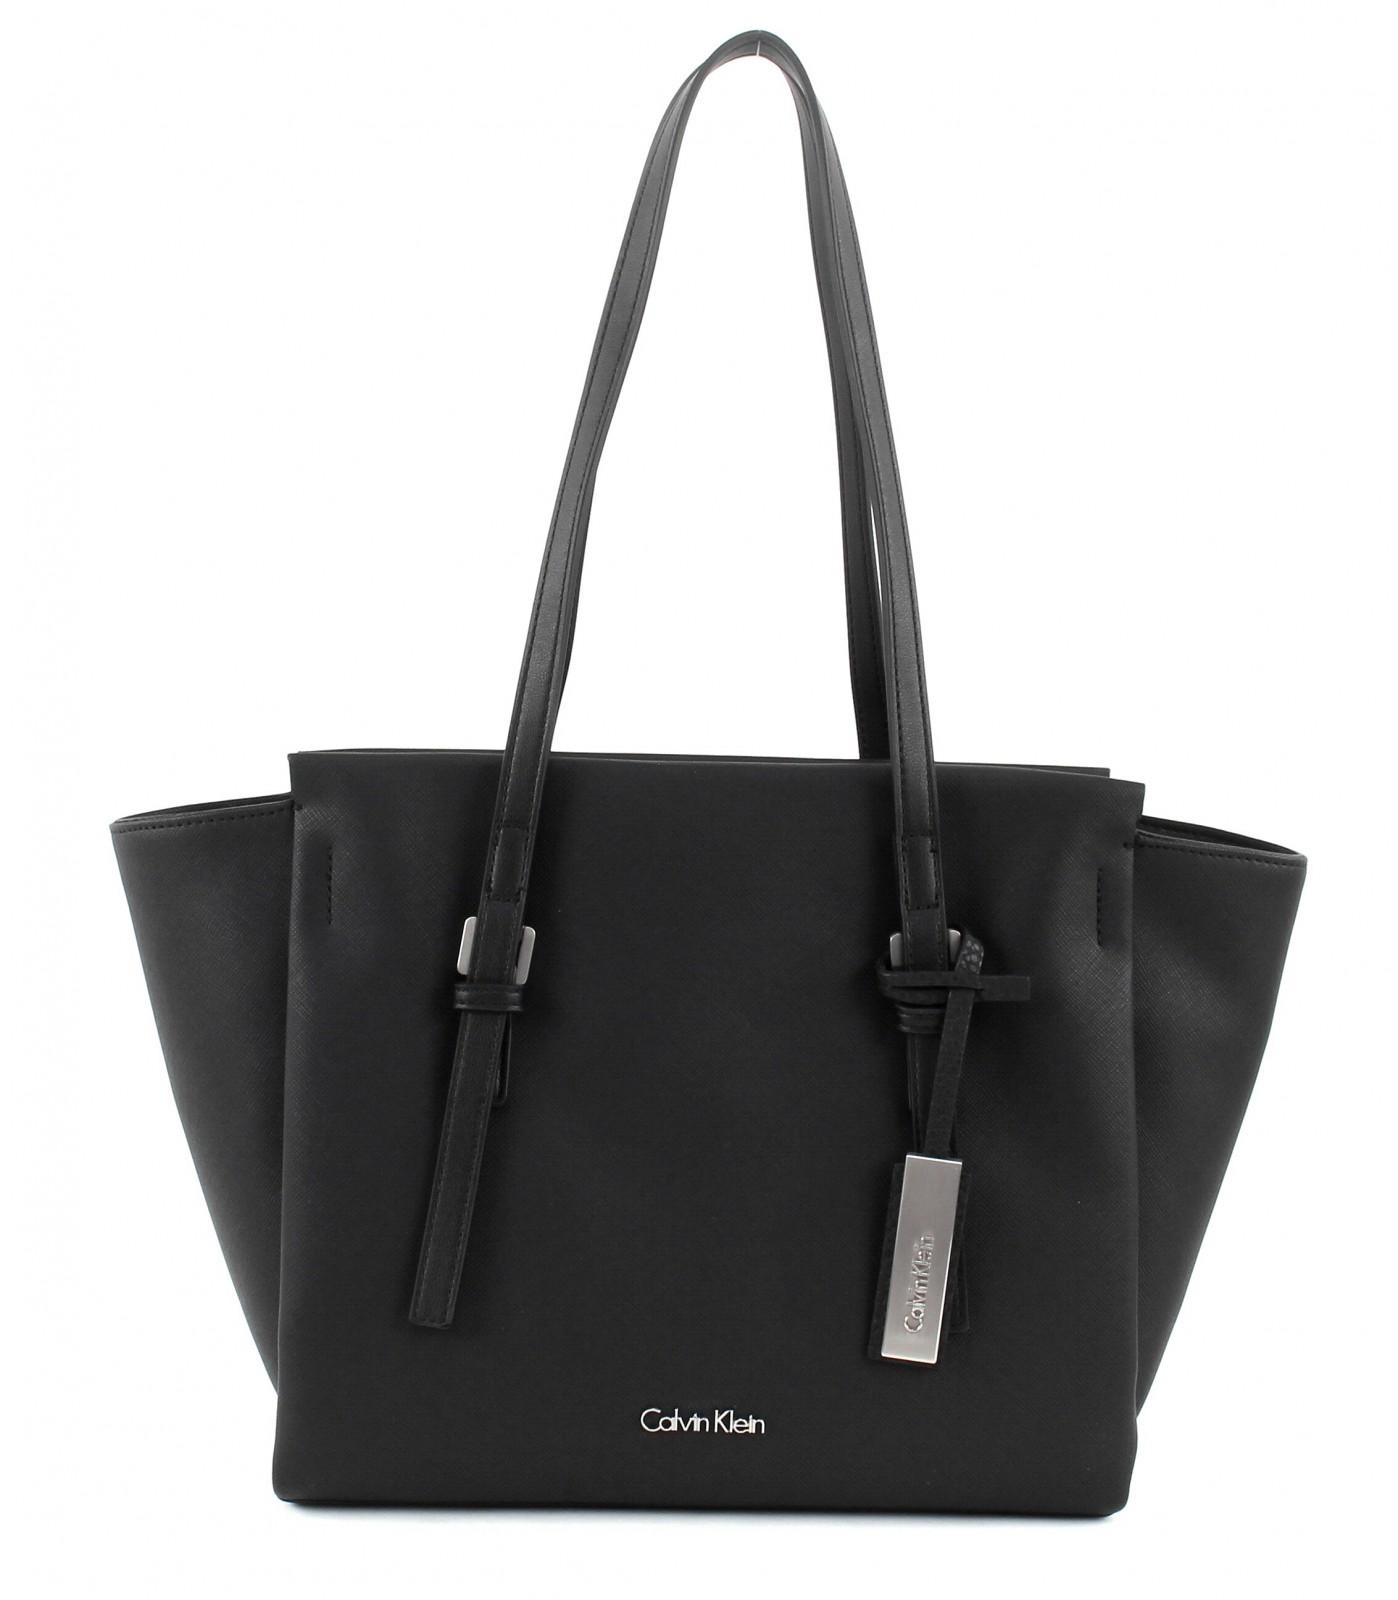 calvin klein shoulder bag m4rissa medium tote. Black Bedroom Furniture Sets. Home Design Ideas